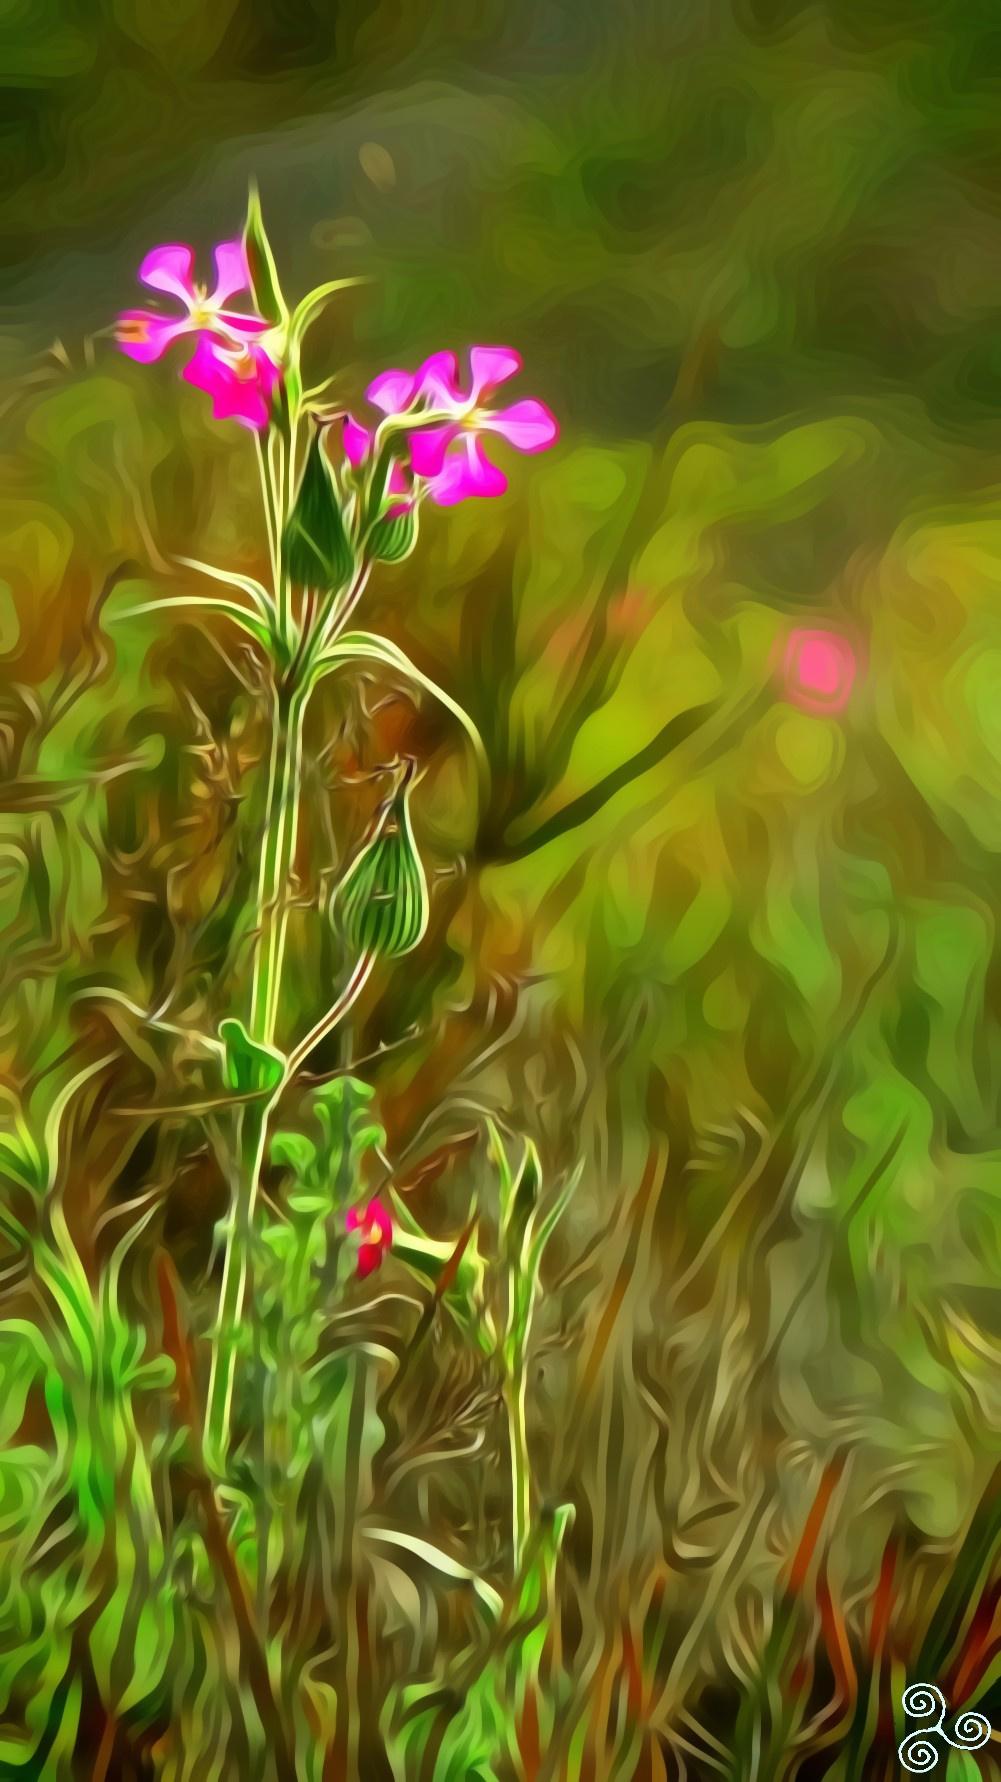 Denis Sergeyevich Ismailov. The flower which lives in the desert